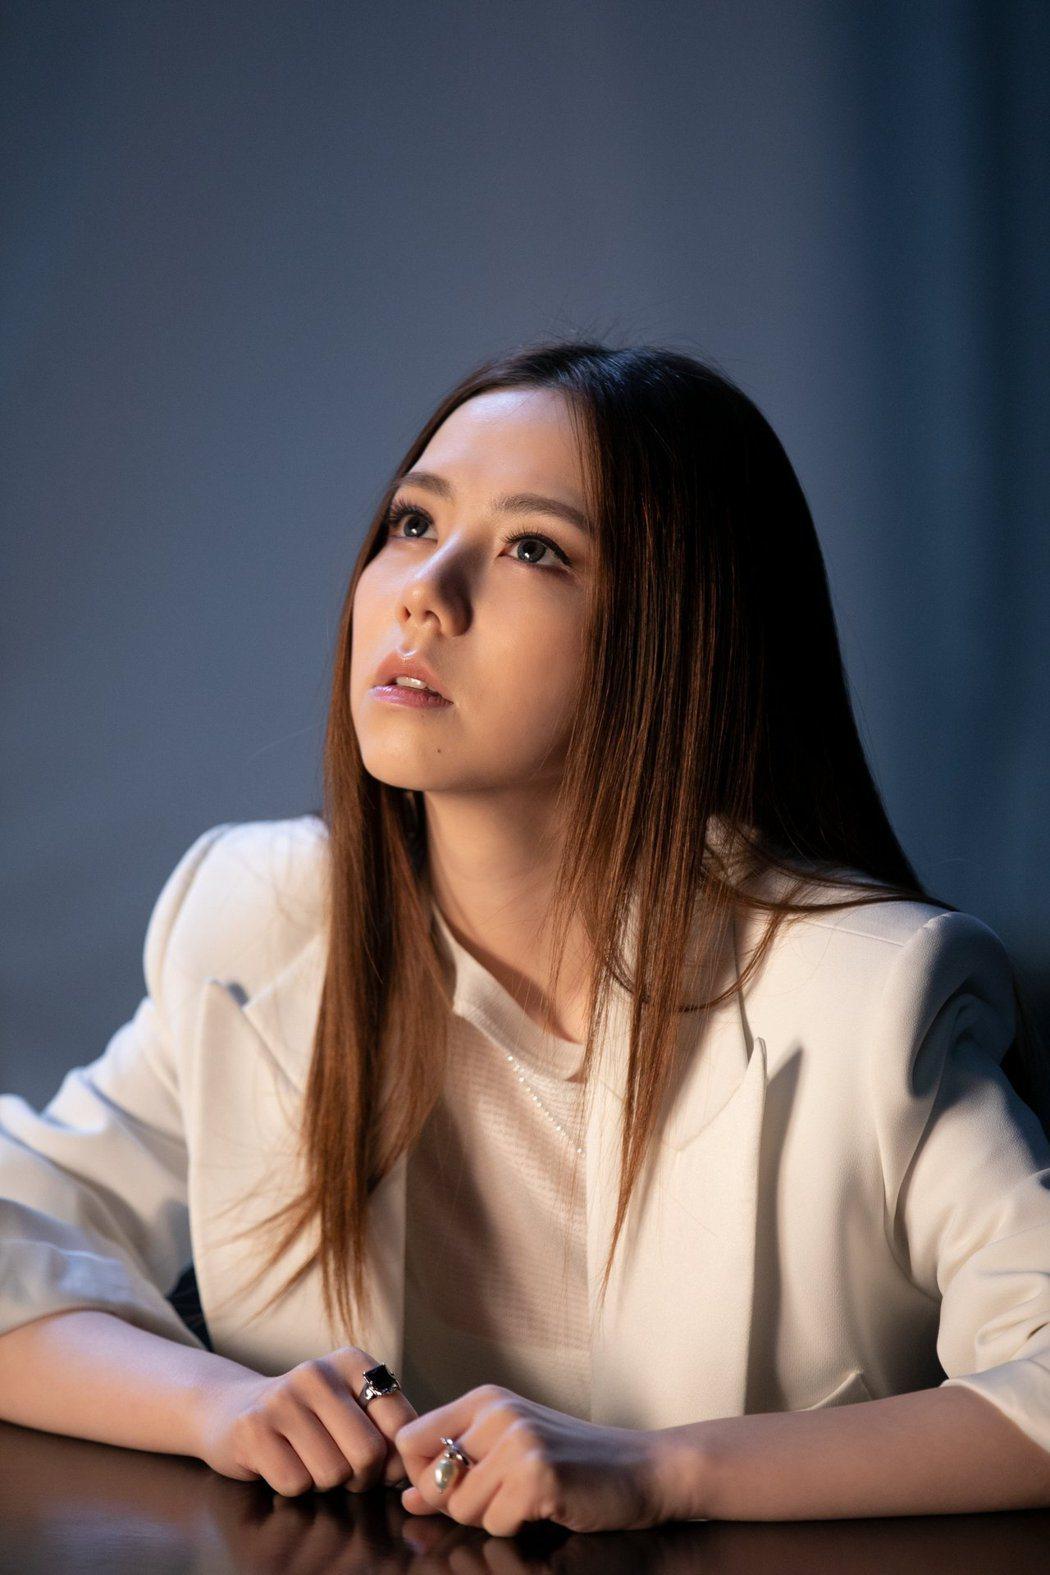 鄧紫棋推出新歌「孤獨」MV。圖/索尼音樂提供